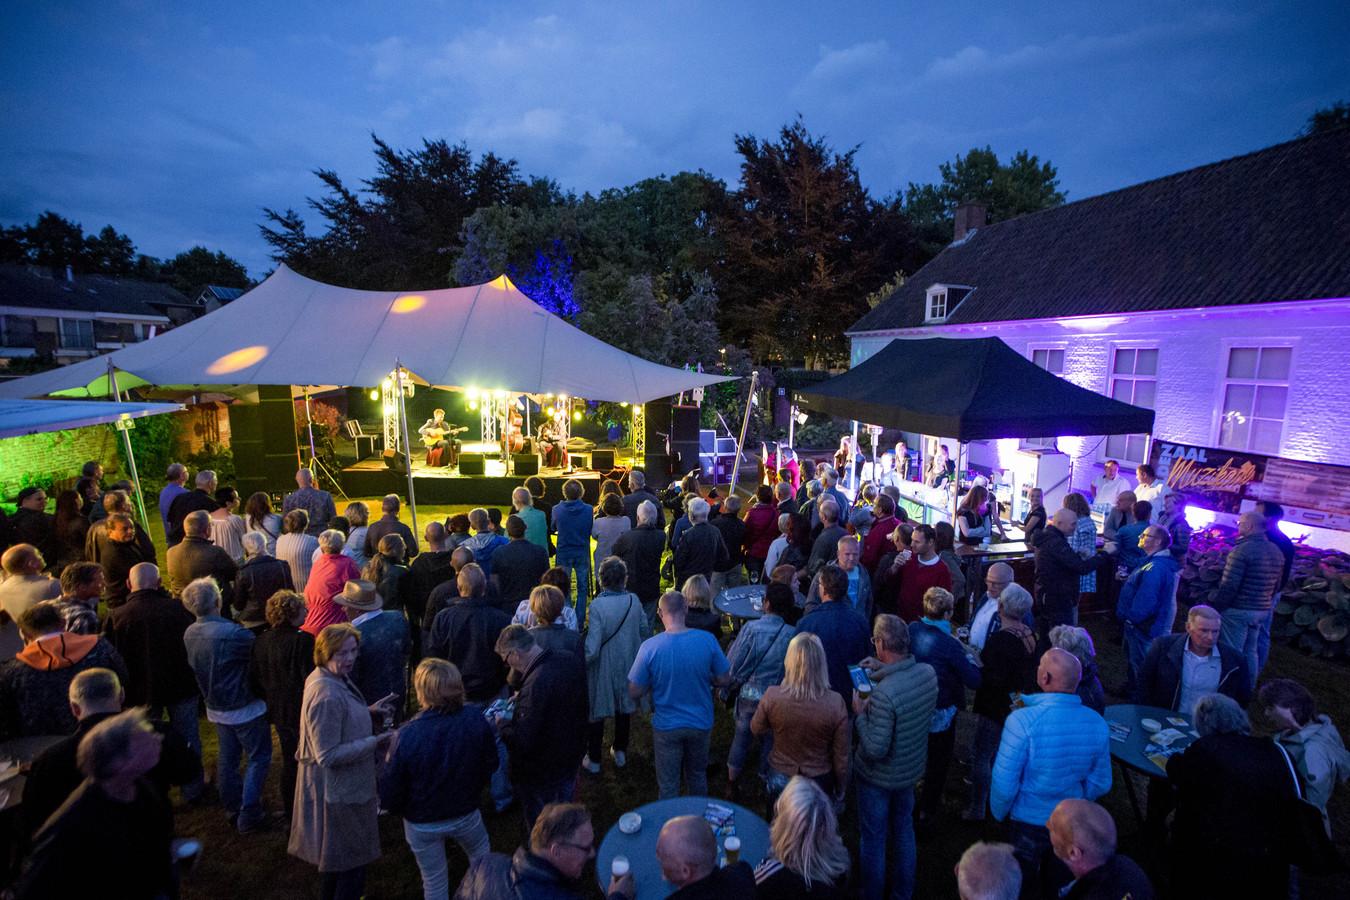 Succesvolle evenementen als Oldenzaal Muzikaal zijn mede bepalend voor het culturele profiel van Oldenzaal.